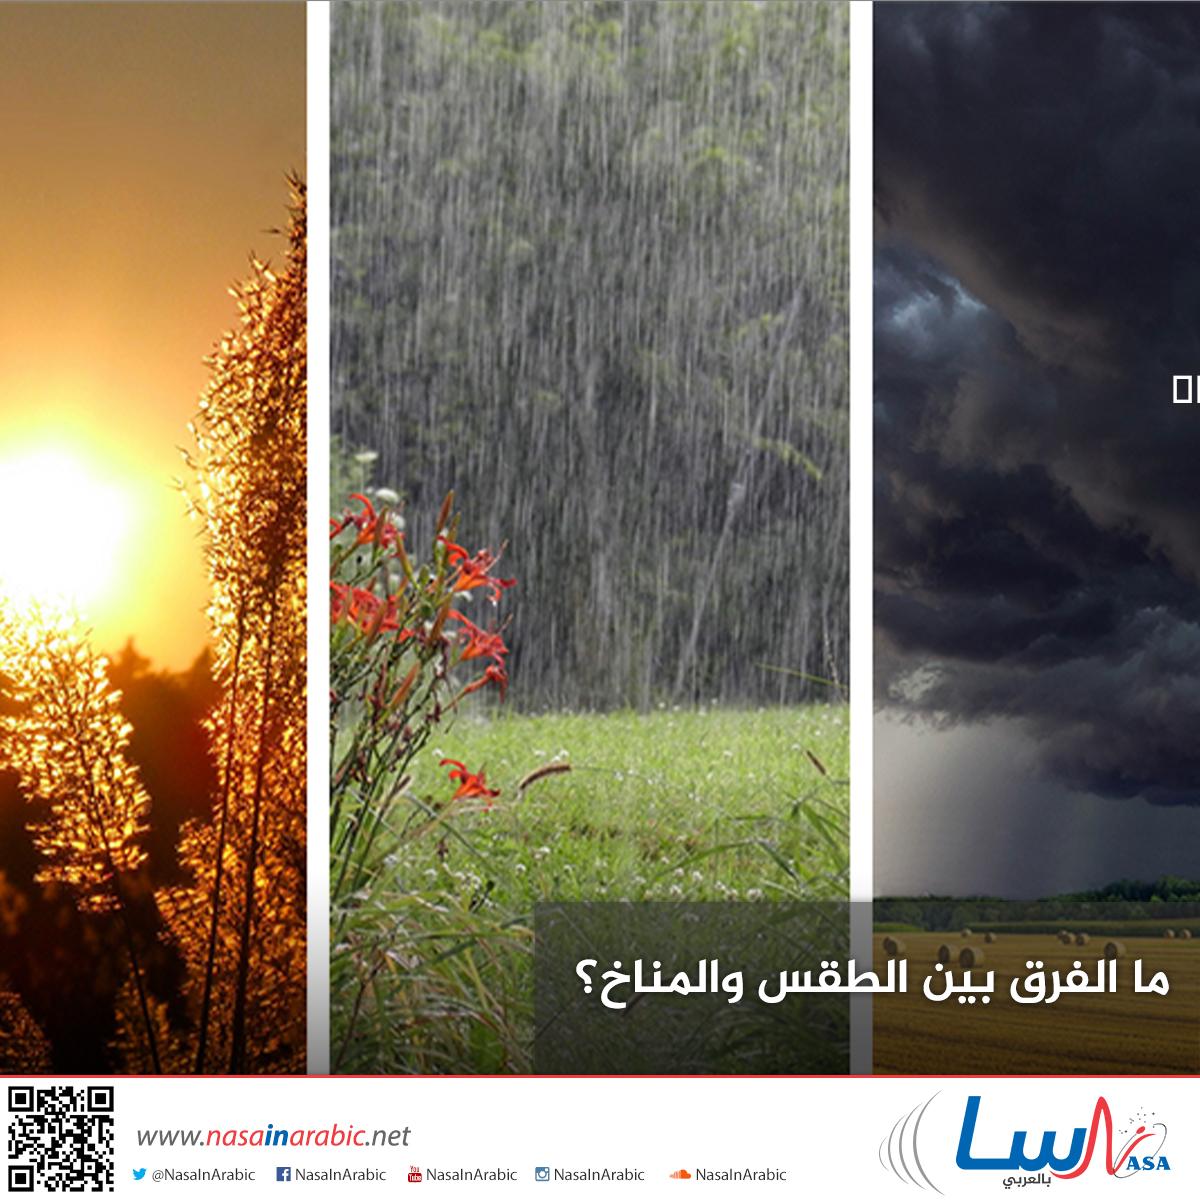 ما الفرق بين الطقس والمناخ؟